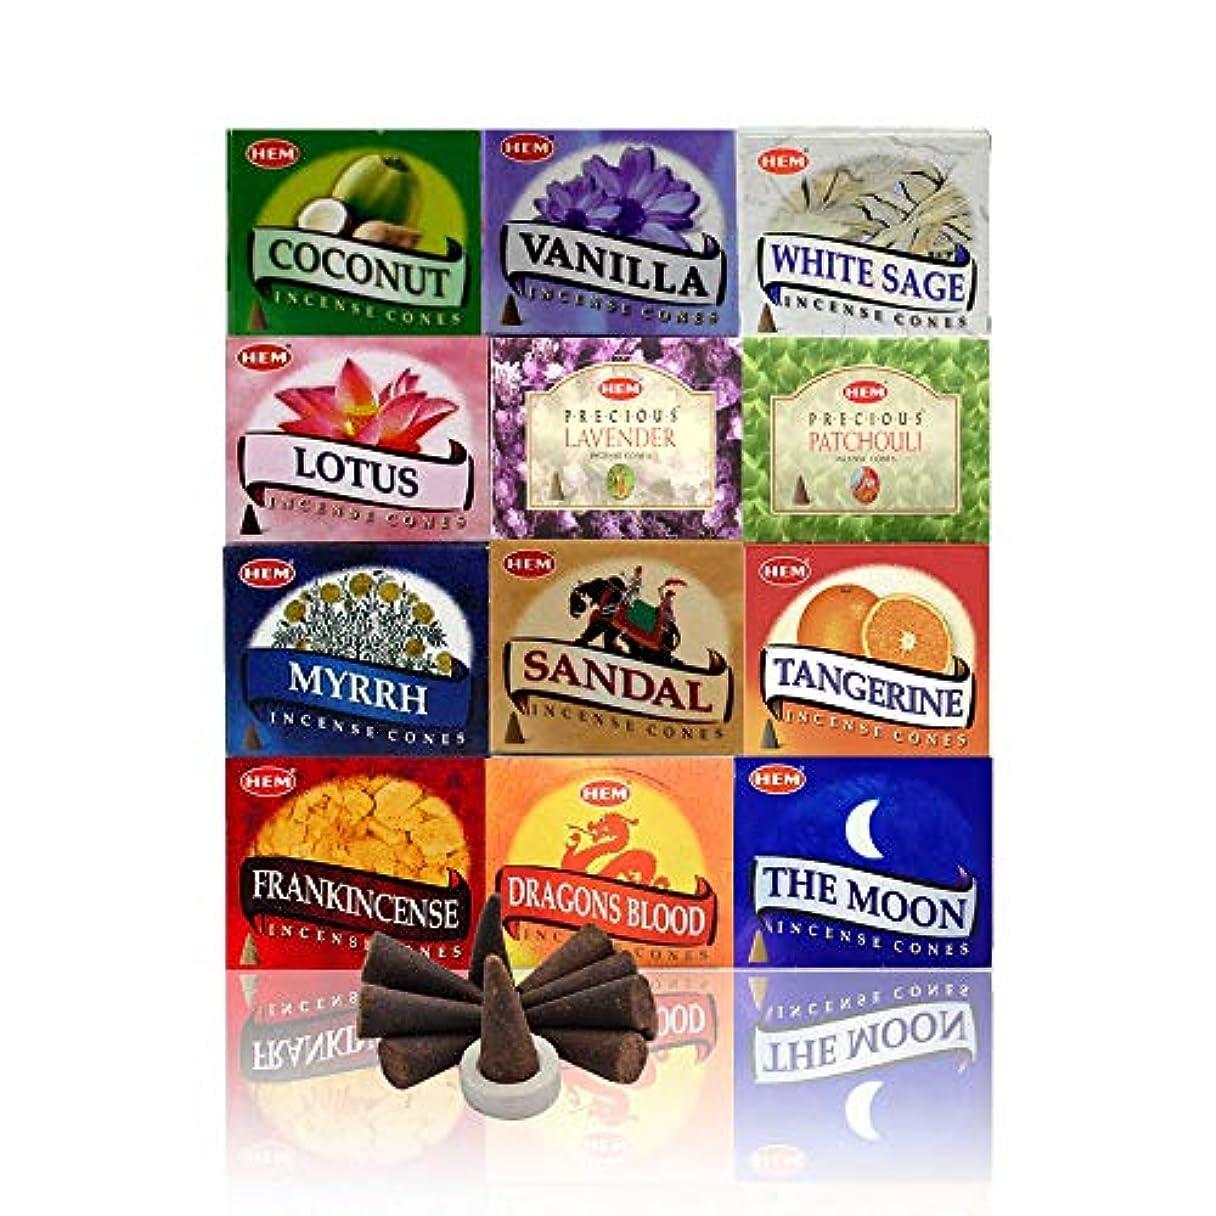 に話すネイティブ雄弁な12 Assorted Boxes of HEM Incense Cones, Best Sellers Set #2 12 X 10 (120 total) by Hem